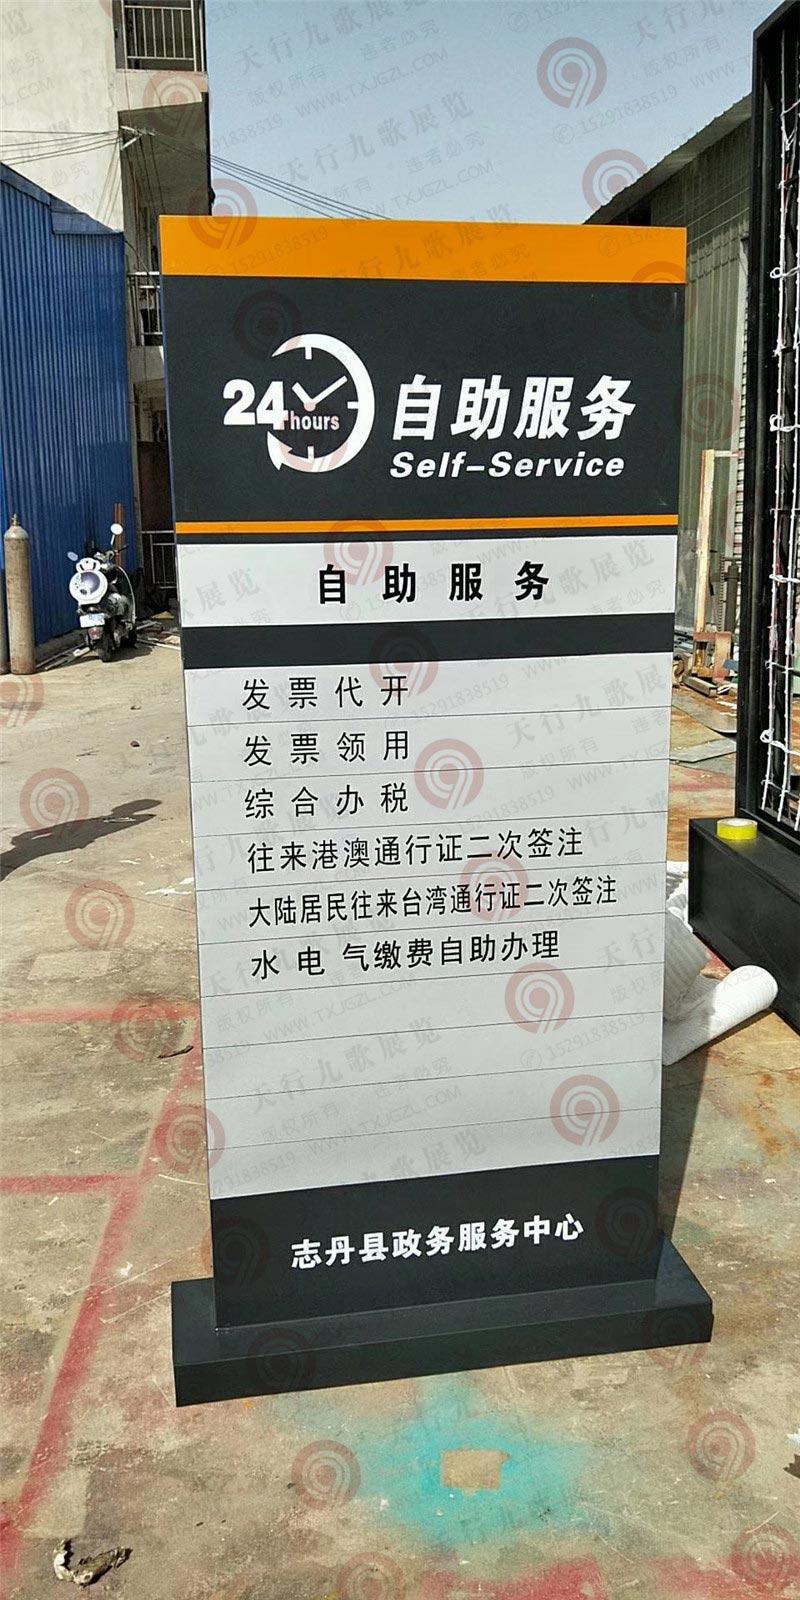 志丹县政务服务中心导视系统设计制作